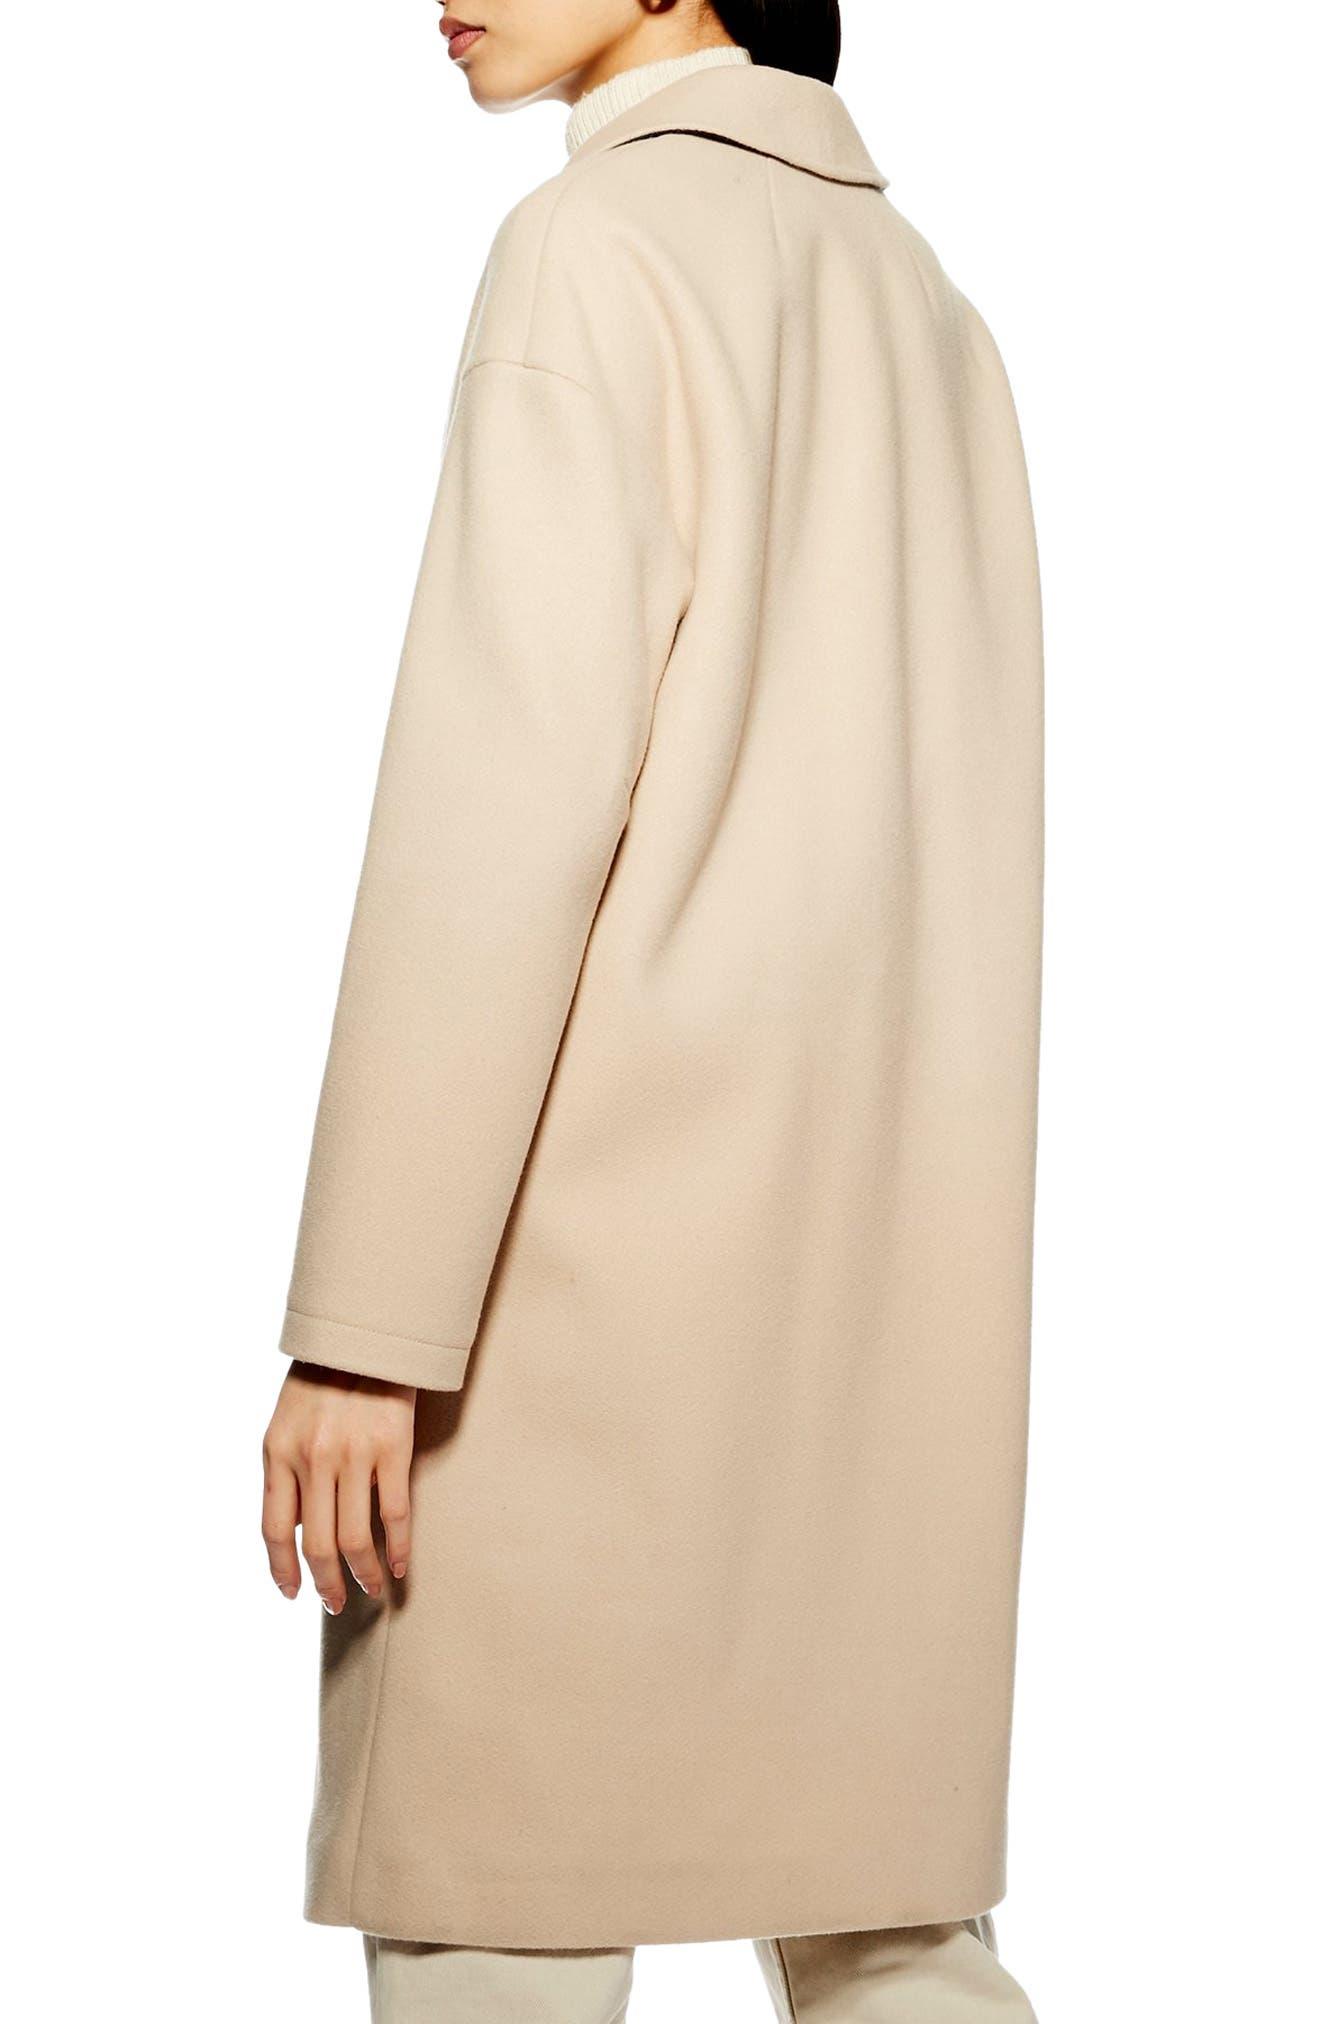 TOPSHOP, Lily Knit Back Midi Coat, Alternate thumbnail 2, color, 250